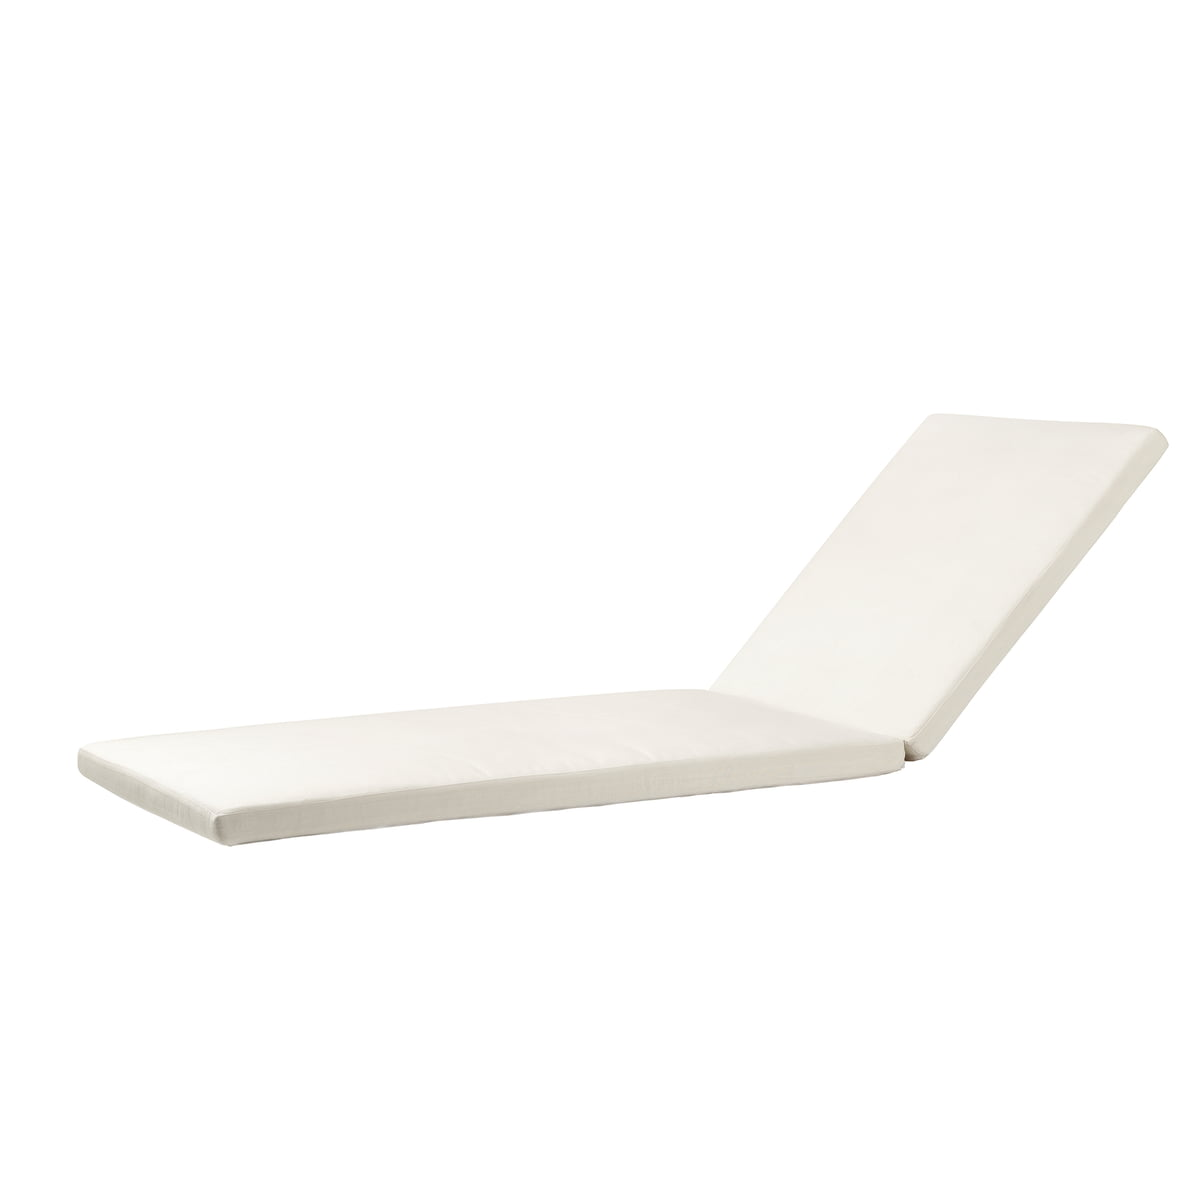 auflage f r bk14 sonnenliege von carl hansen connox. Black Bedroom Furniture Sets. Home Design Ideas